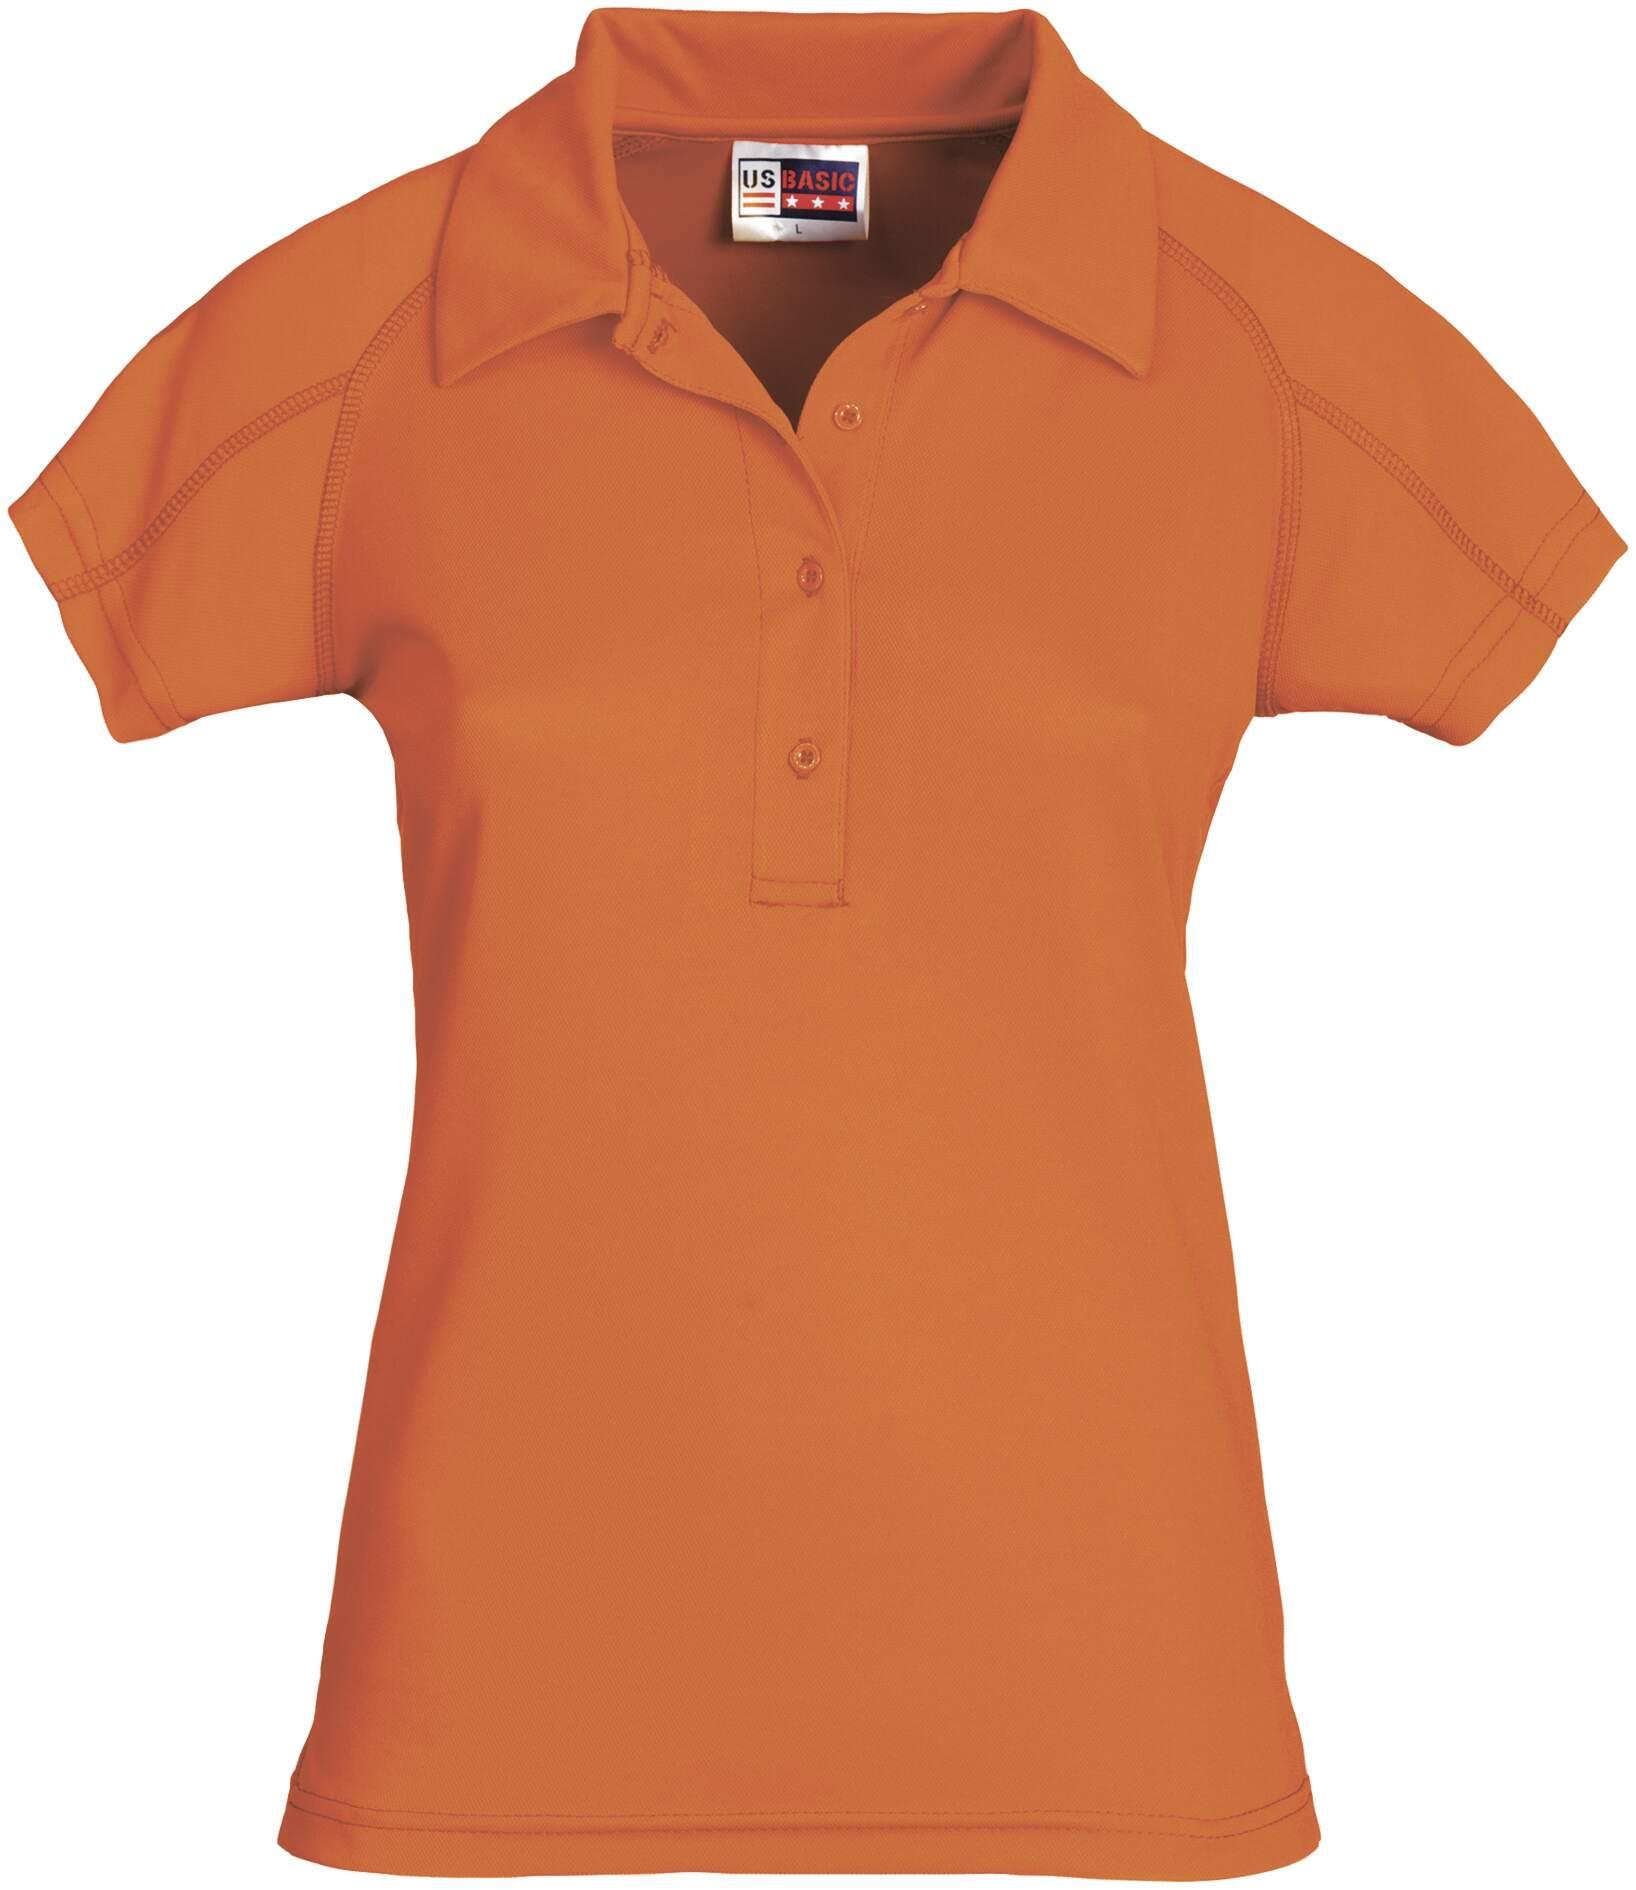 Koszulki Polo US 31097 Cool Fit - 31097_pomarańczowy_US - Kolor: Pomarańczowy